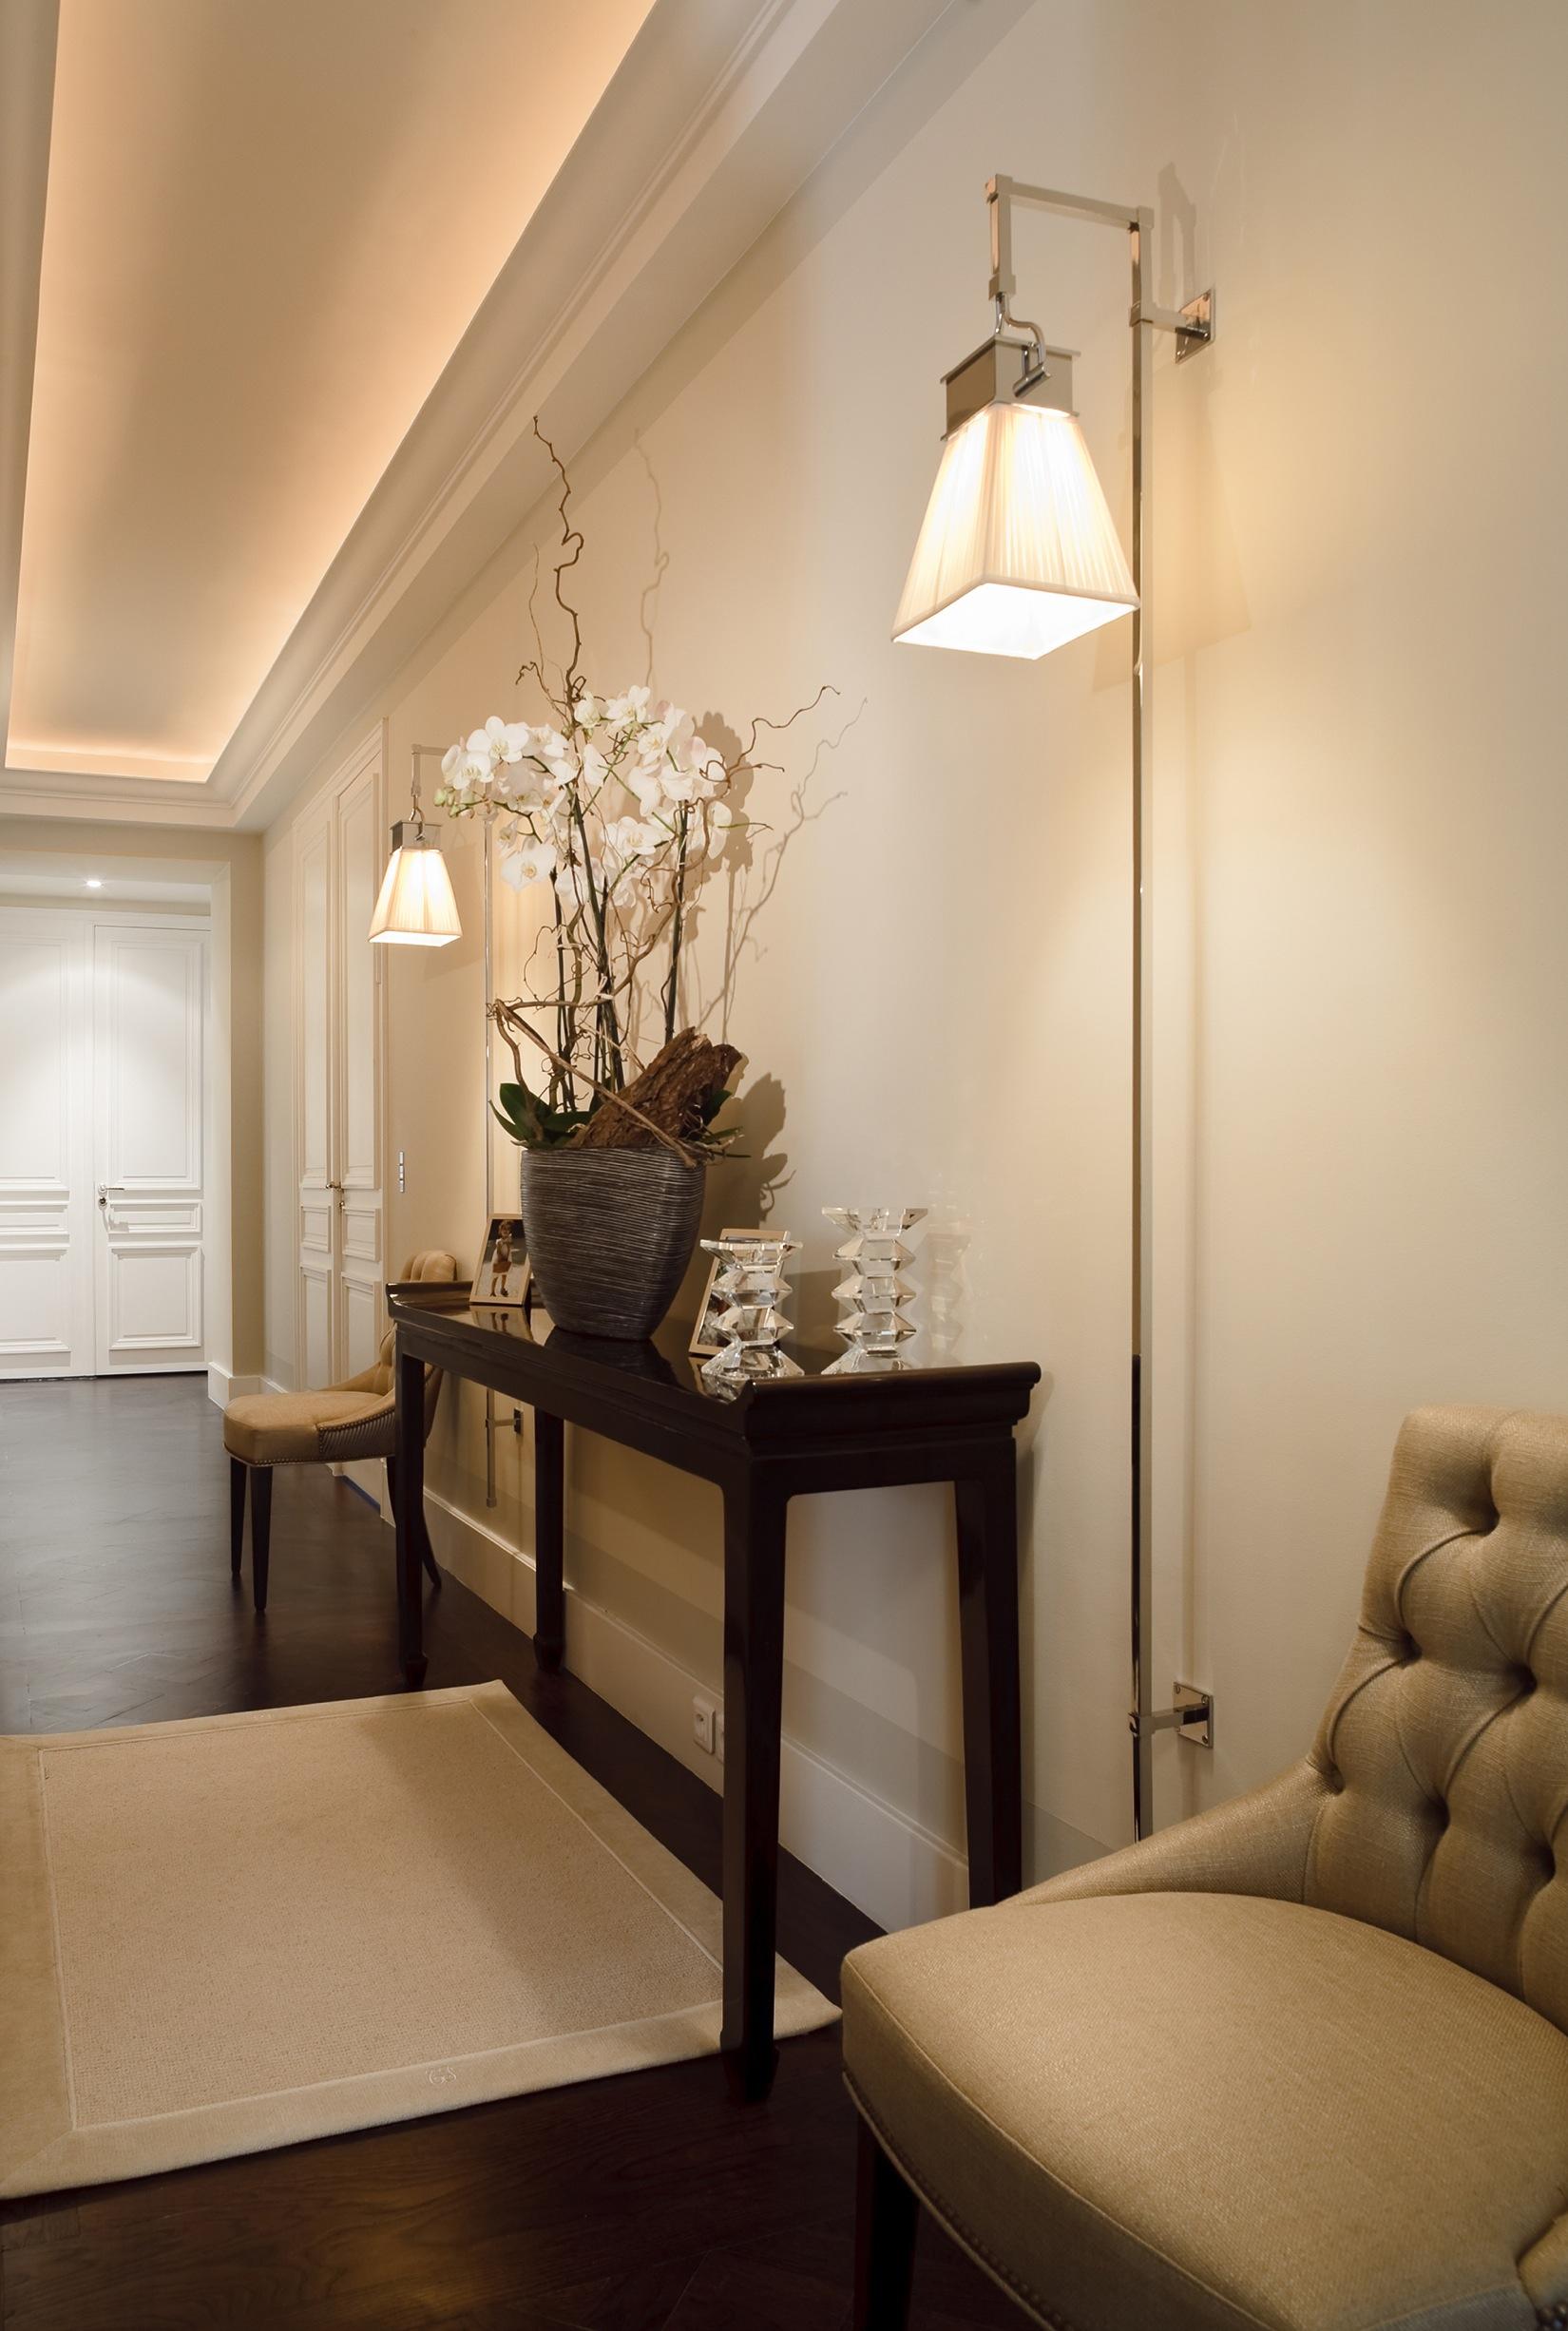 Galerie. Création de l'agence d'architecture d'intérieur Olivier Berni Intérieurs.